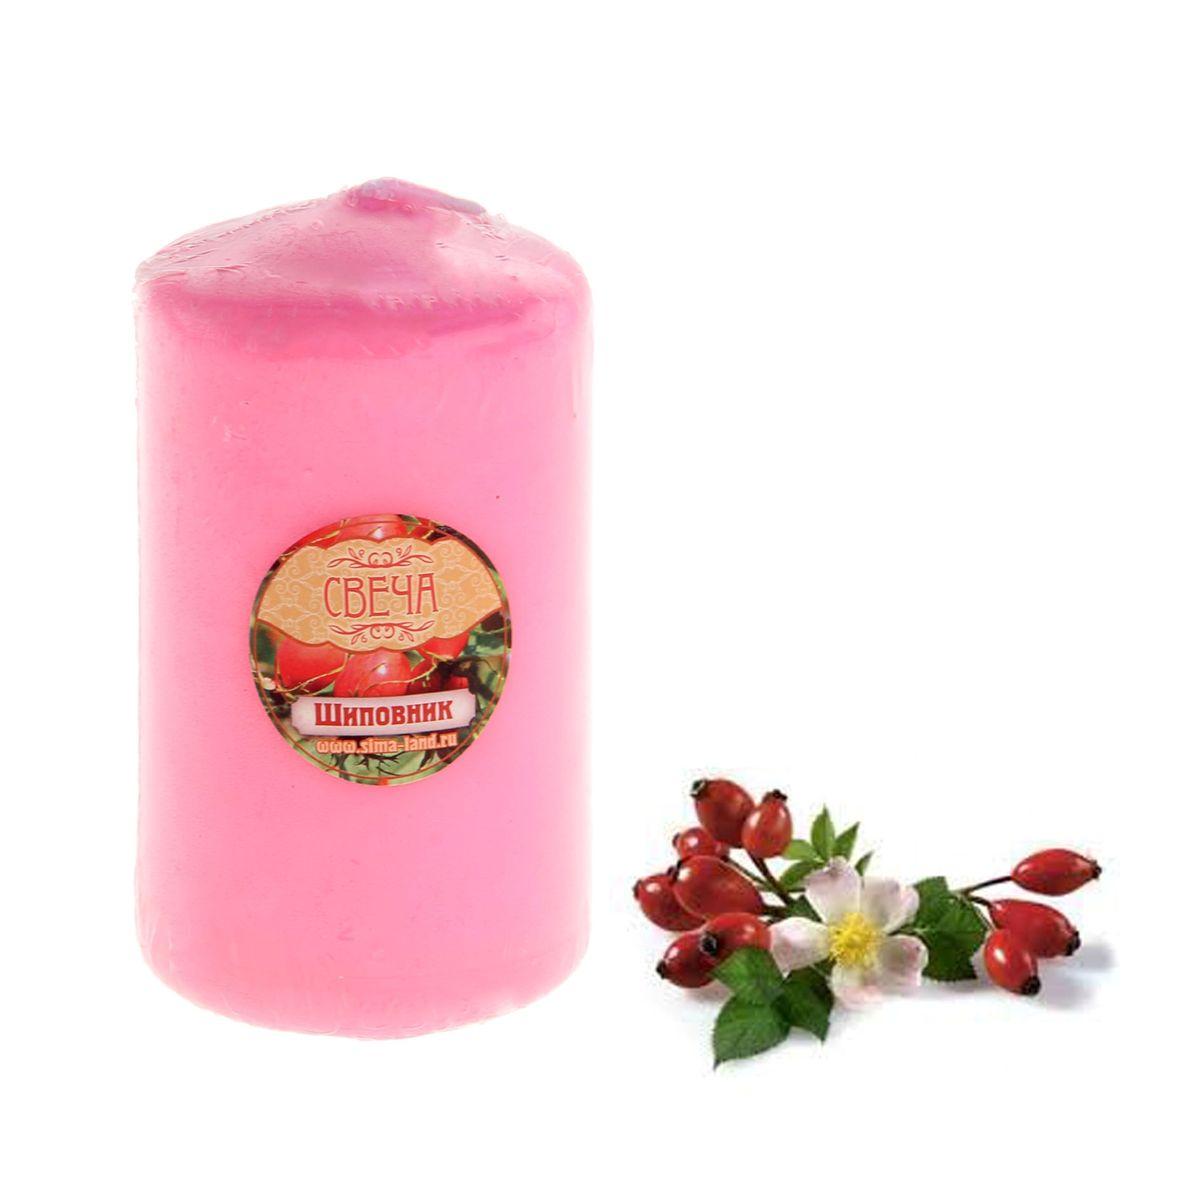 Свеча ароматизированная Sima-land Шиповник, цвет: розовый, высота 10 см. 849611849611Свеча Sima-land Шиповник выполнена из воска в виде столбика. Изделие порадует вас ярким дизайном и освежающим ароматом шиповника, который понравится как женщинам, так и мужчинам. Создайте для себя и своих близких незабываемую атмосферу праздника в доме. Ароматическая свеча Sima-land Шиповник может стать не только отличным подарком, но и гарантией хорошего настроения, ведь это красивая вещь из качественного, безопасного для здоровья материала.